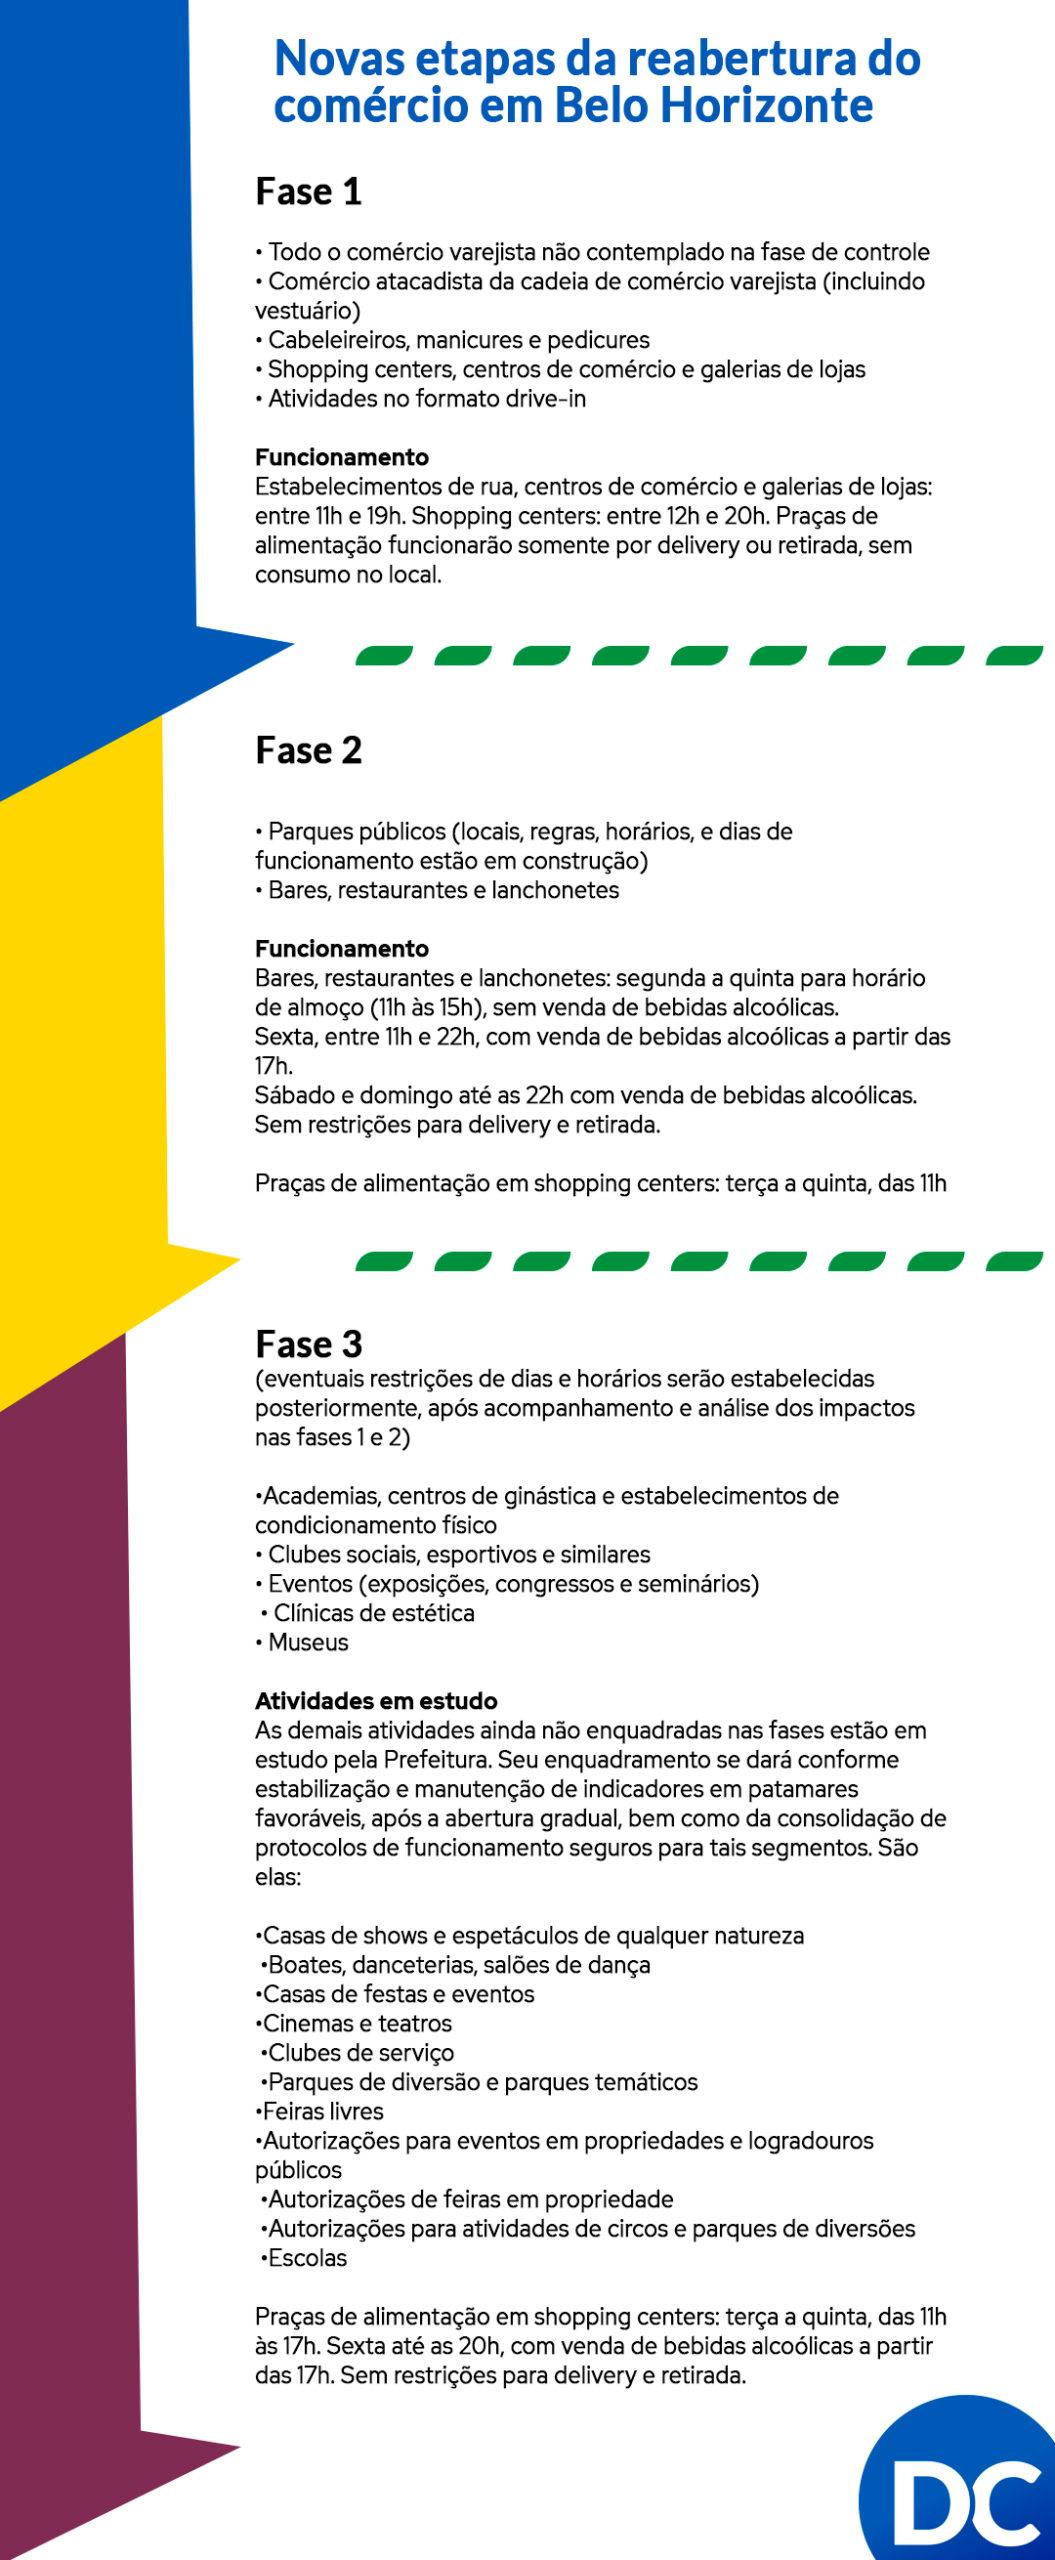 Imagem: Diário do Comércio